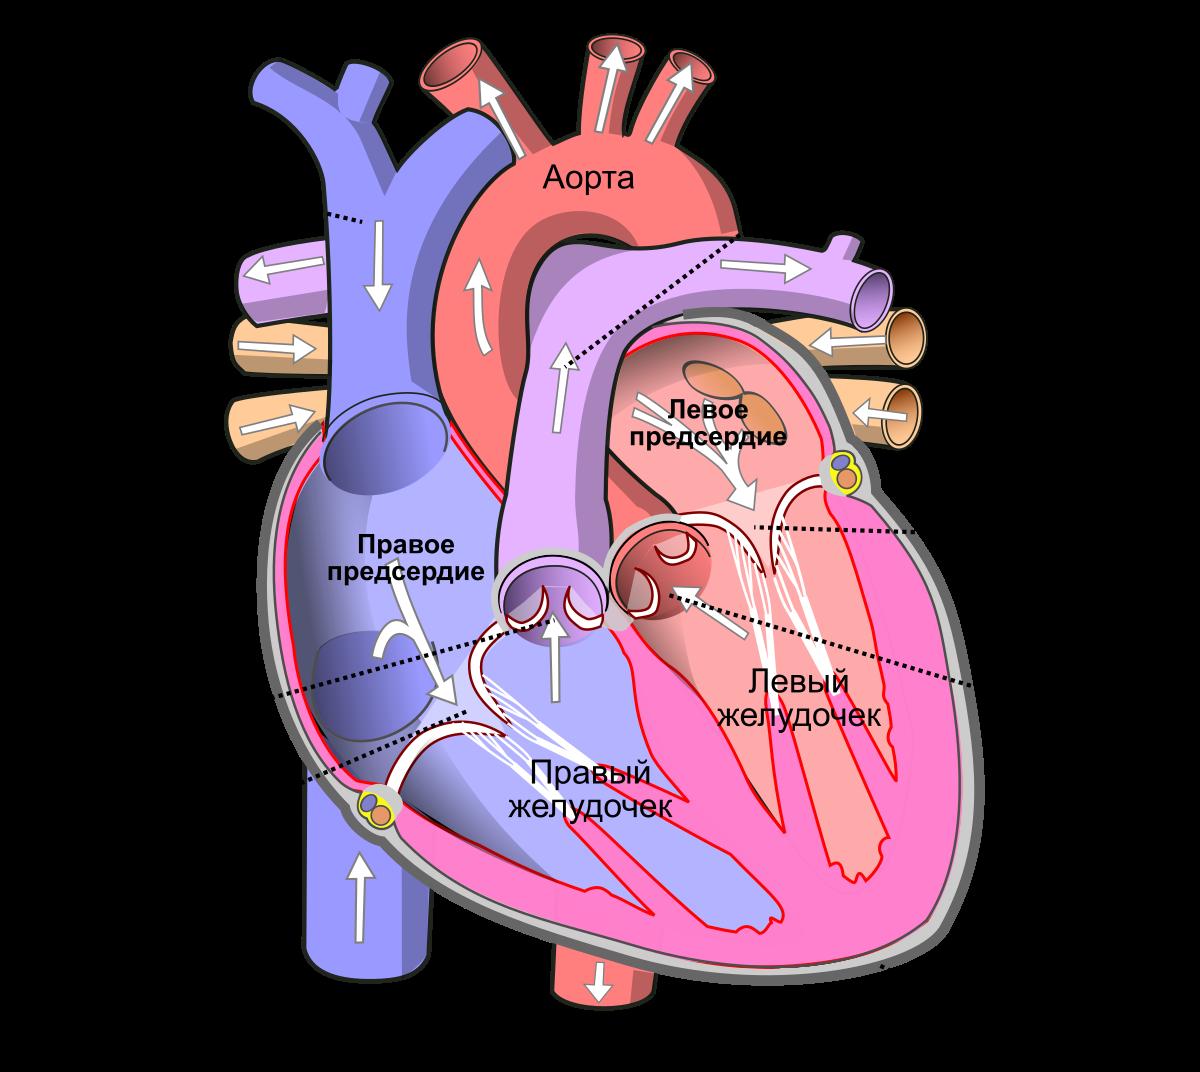 Болезни сердца: список и симптомы, лечение, причины, профилактика